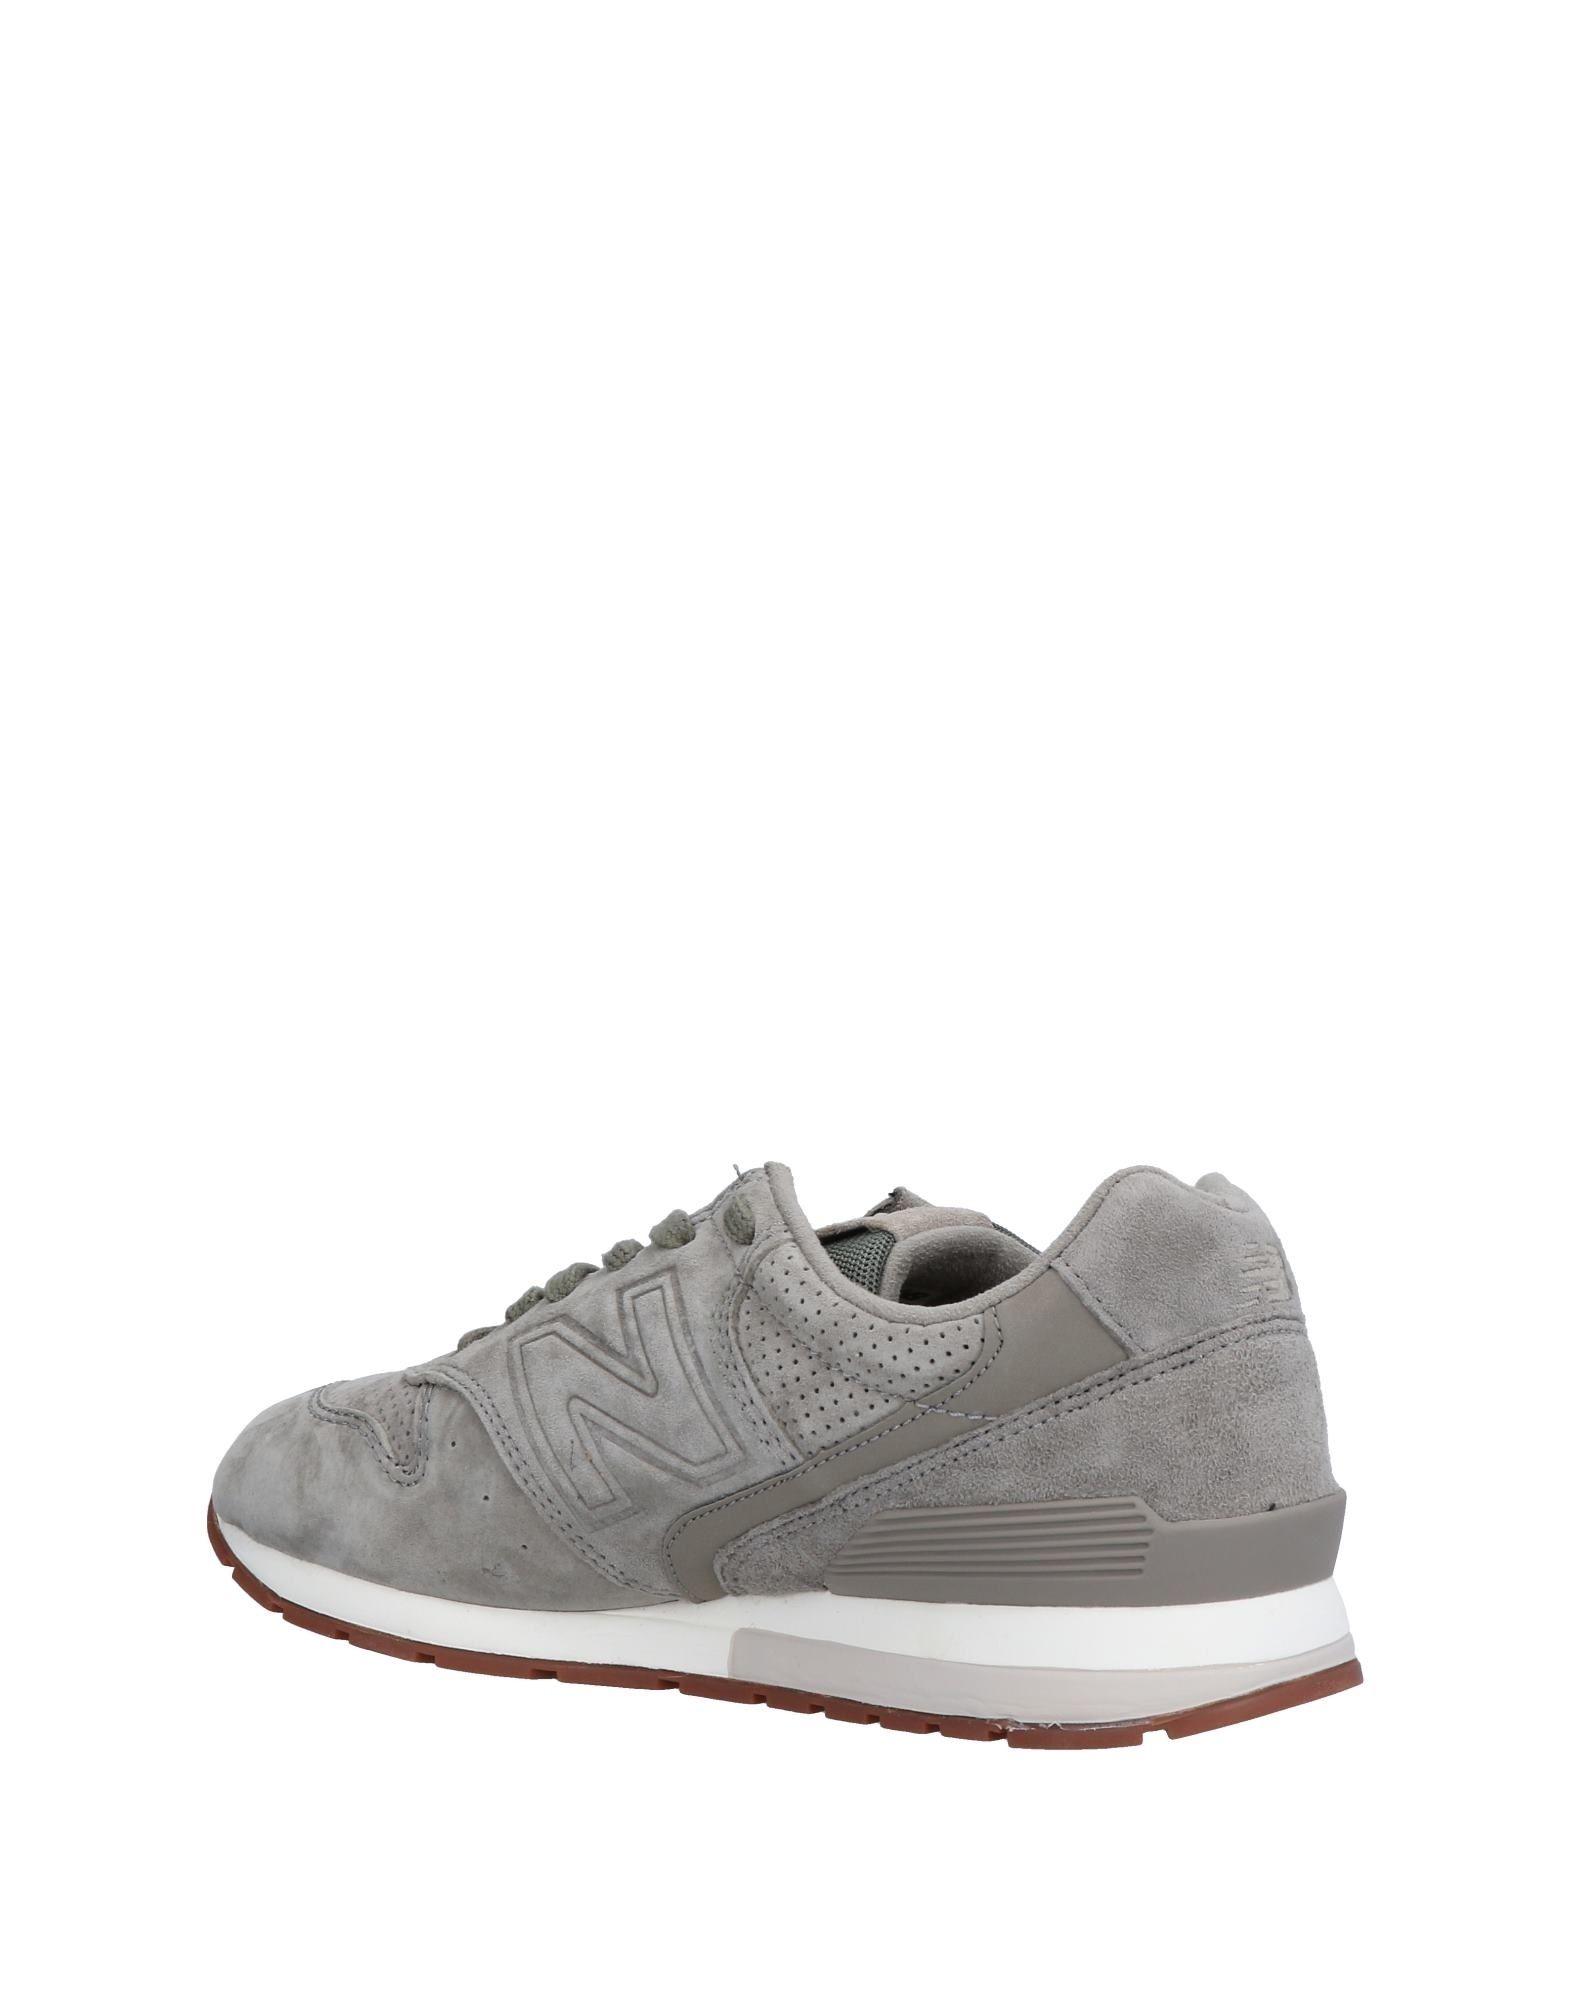 Rabatt Sneakers echte Schuhe New Balance Sneakers Rabatt Herren  11503337SB 705d47